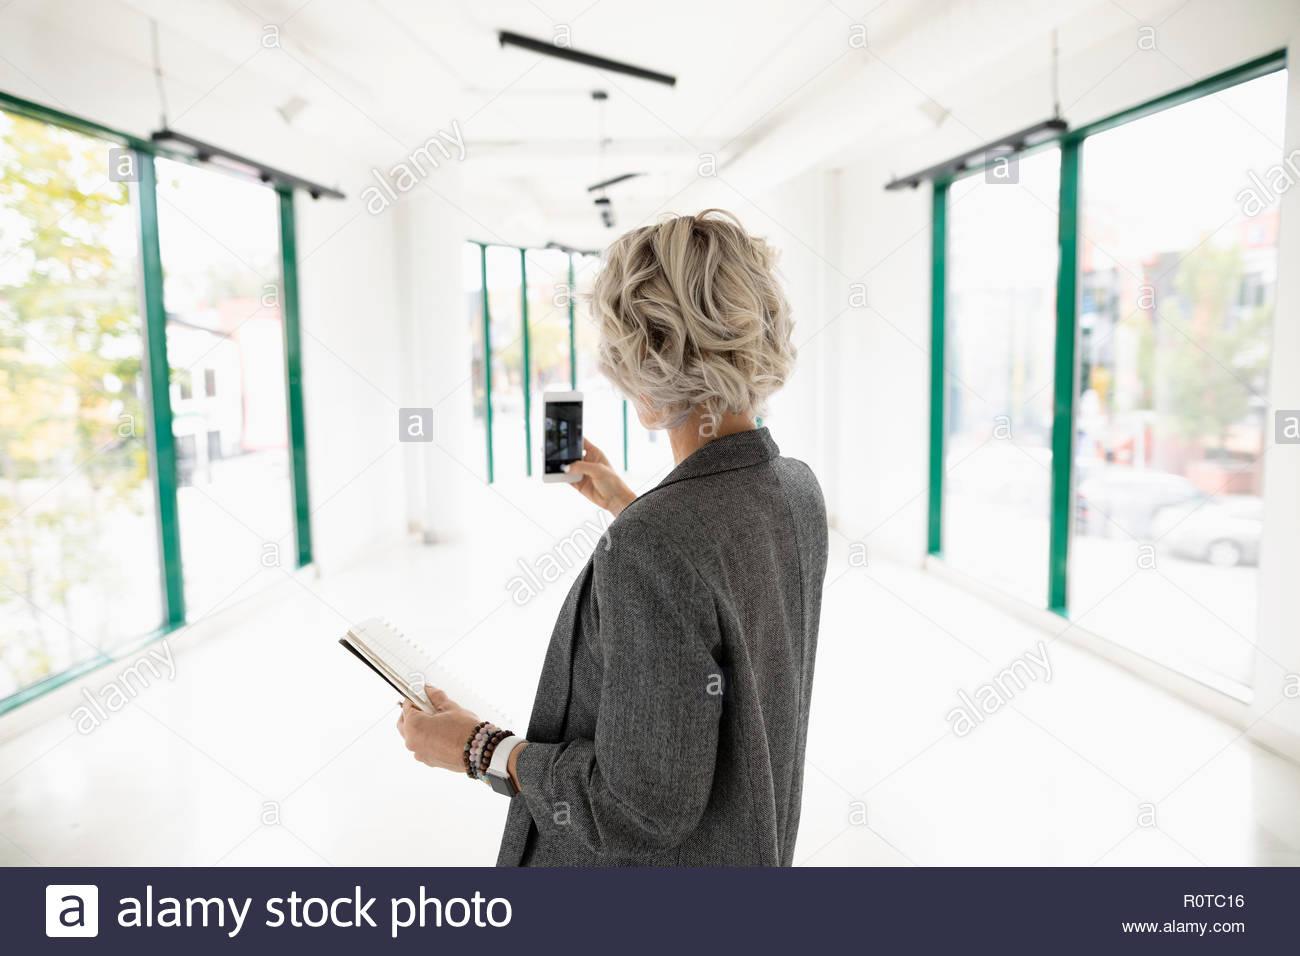 Businesswoman using camera phone, de photographier, de nouveaux espaces de bureaux vides Photo Stock